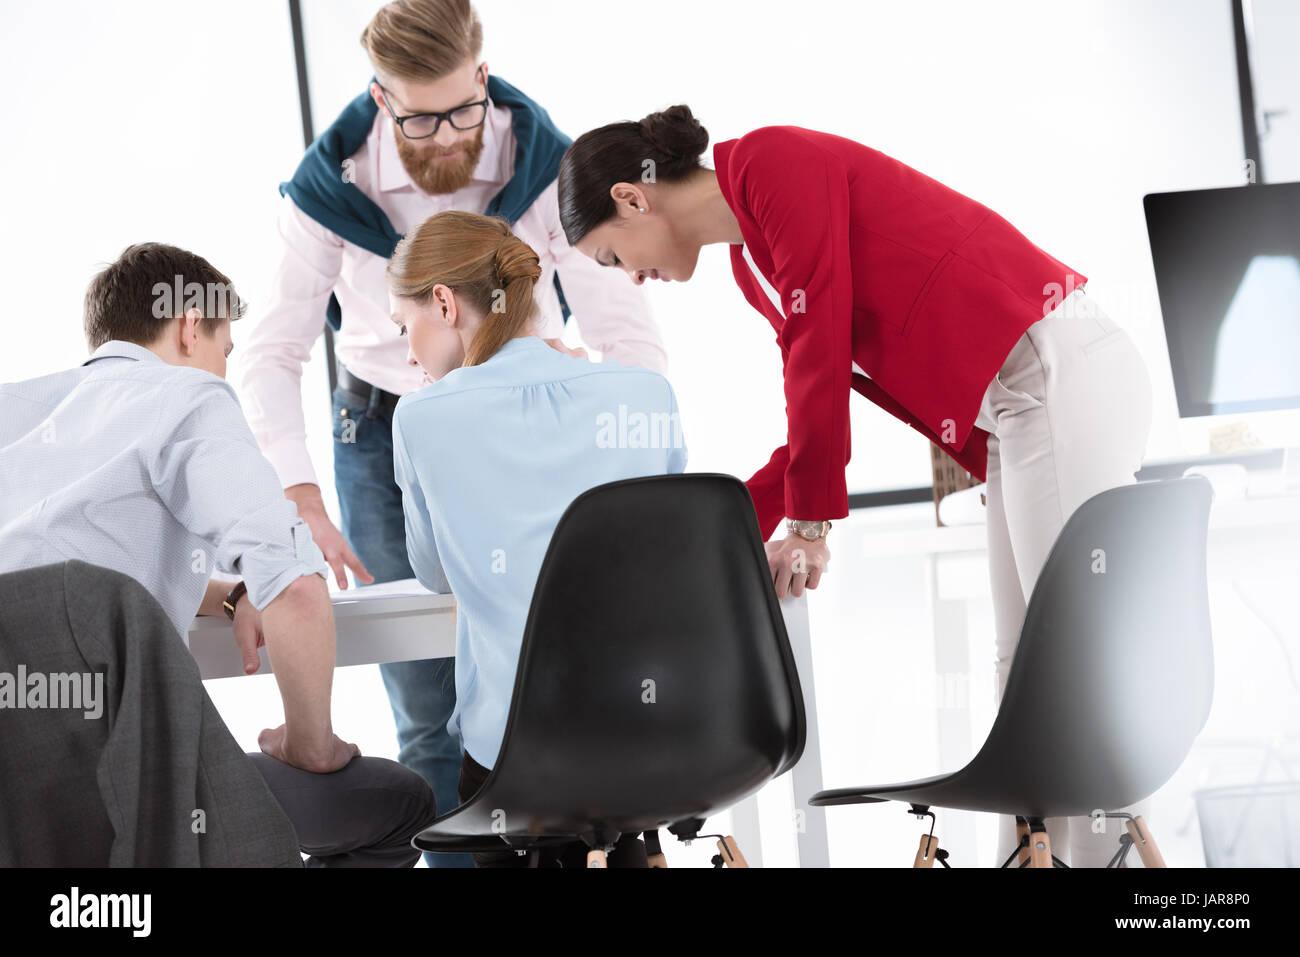 junge Unternehmer arbeiten zusammen Stockfoto